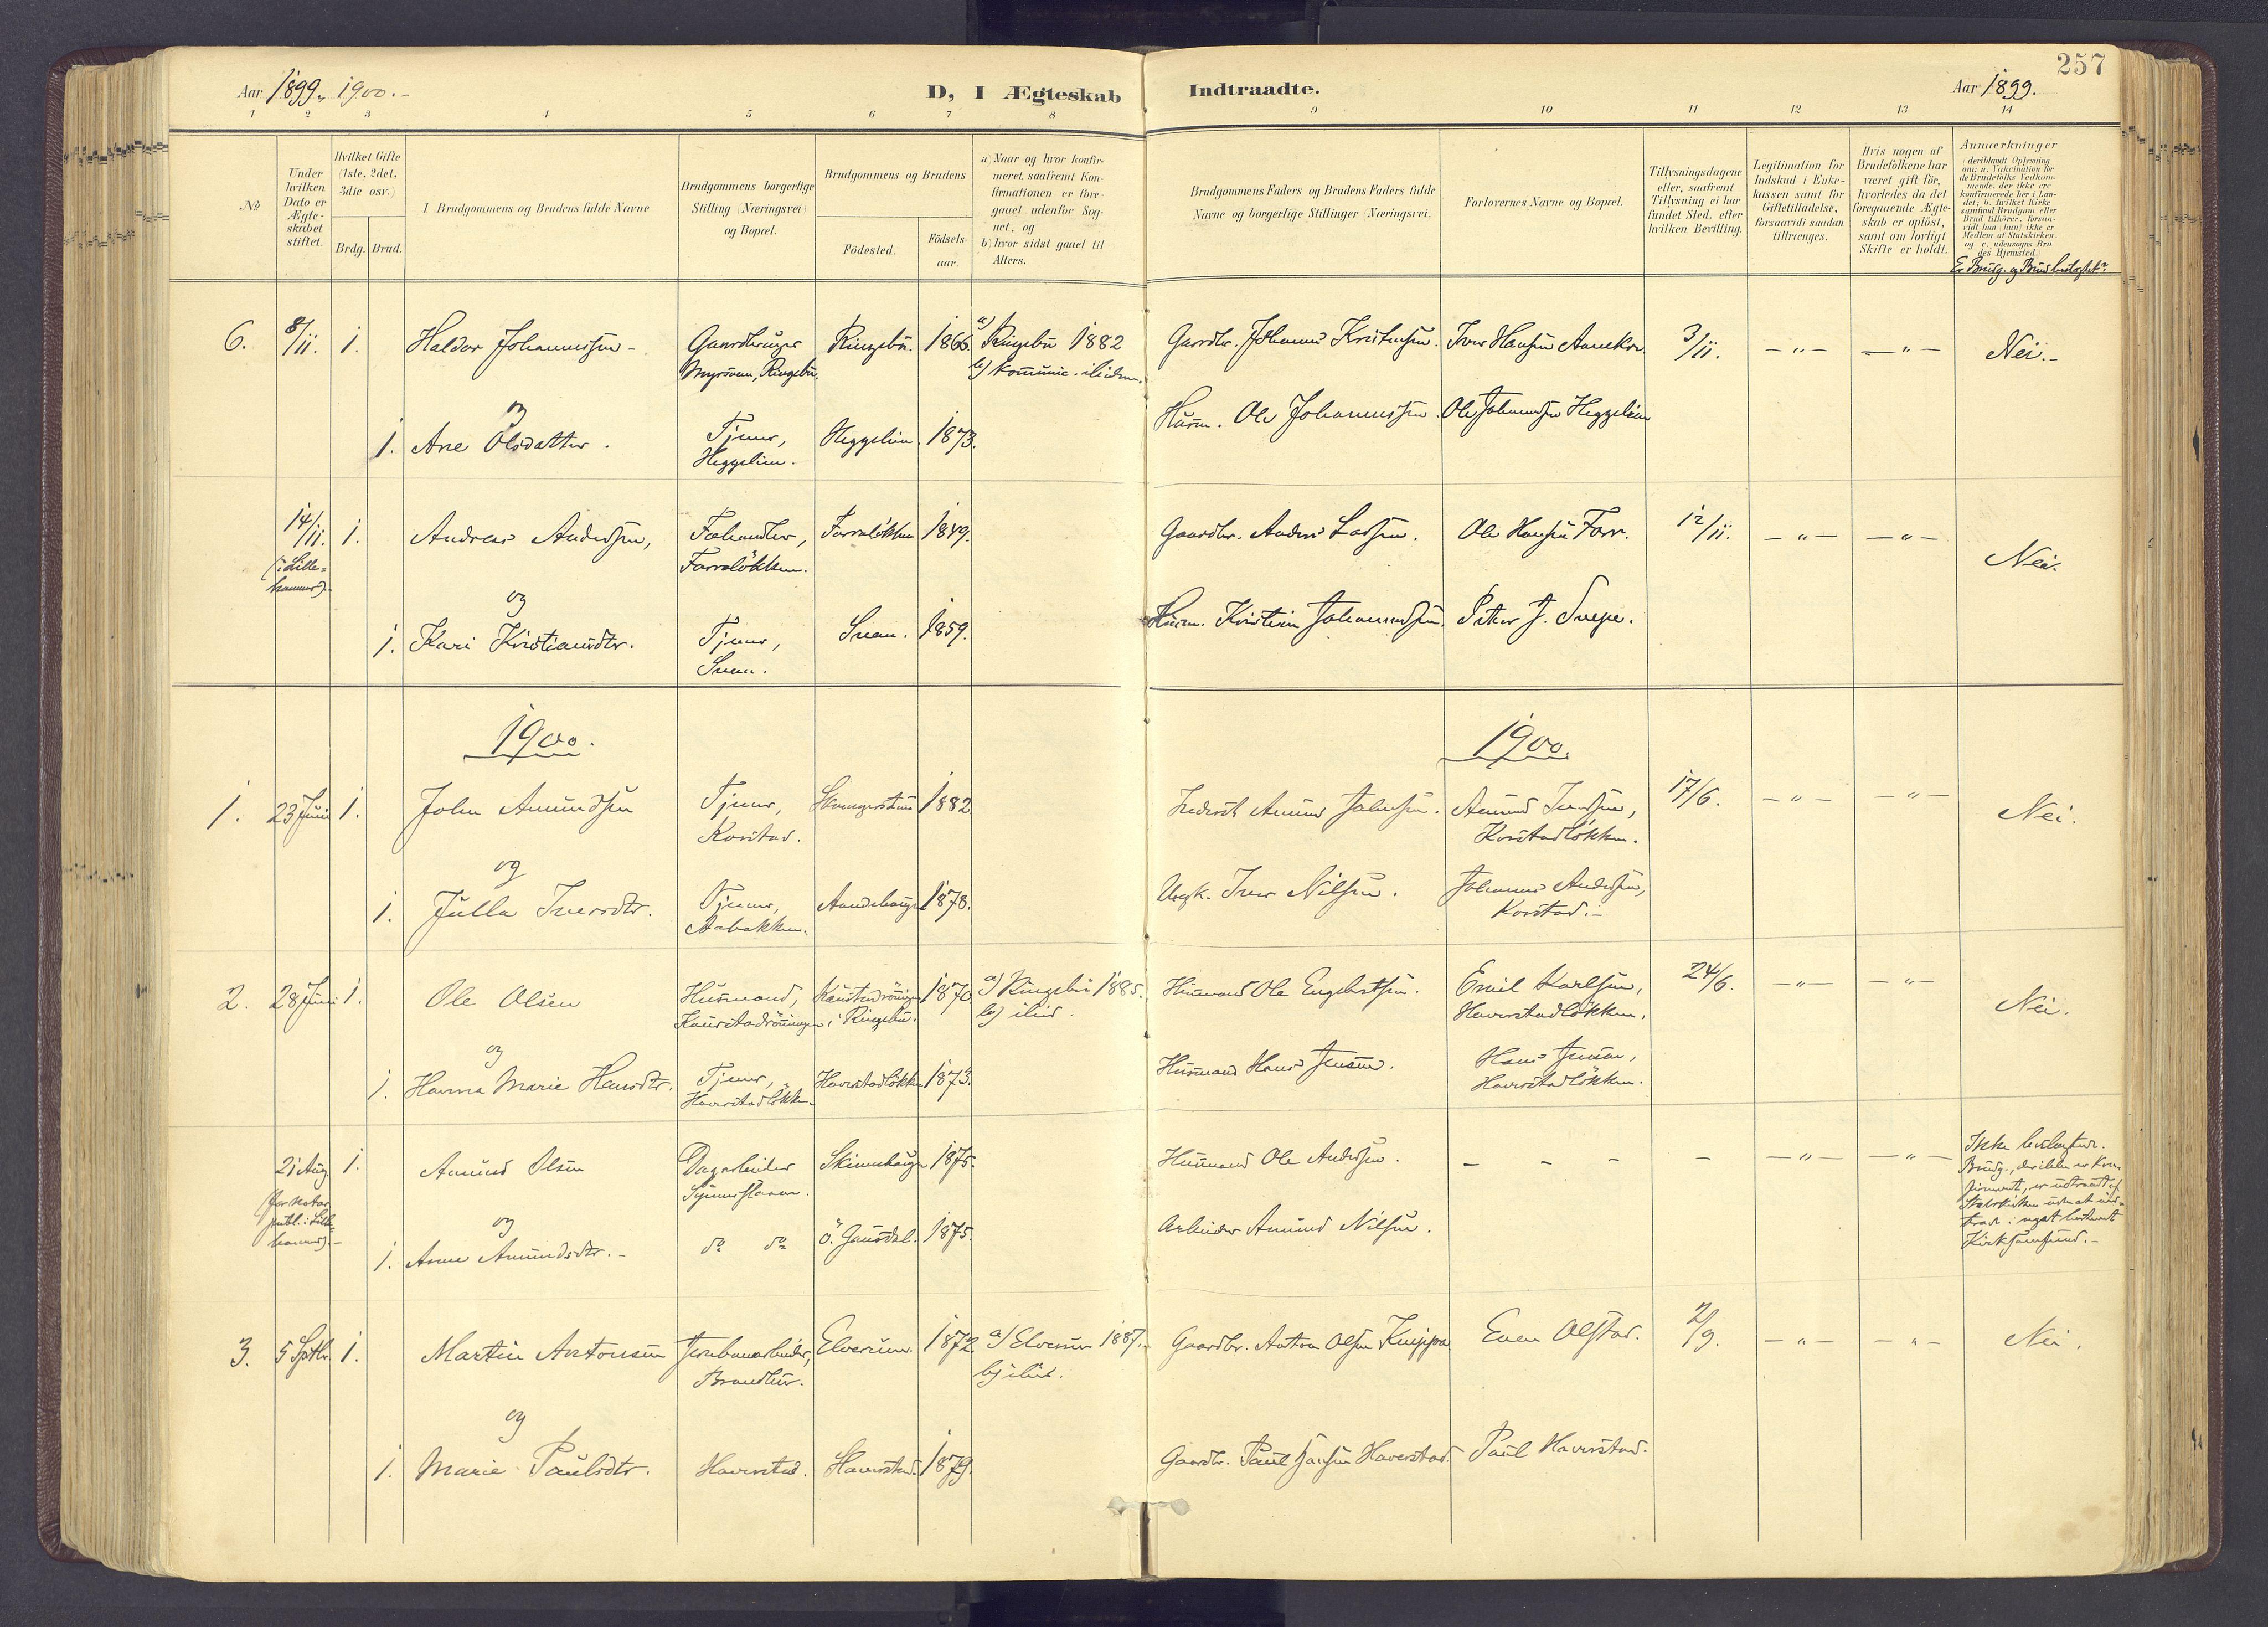 SAH, Sør-Fron prestekontor, H/Ha/Haa/L0004: Ministerialbok nr. 4, 1898-1919, s. 257